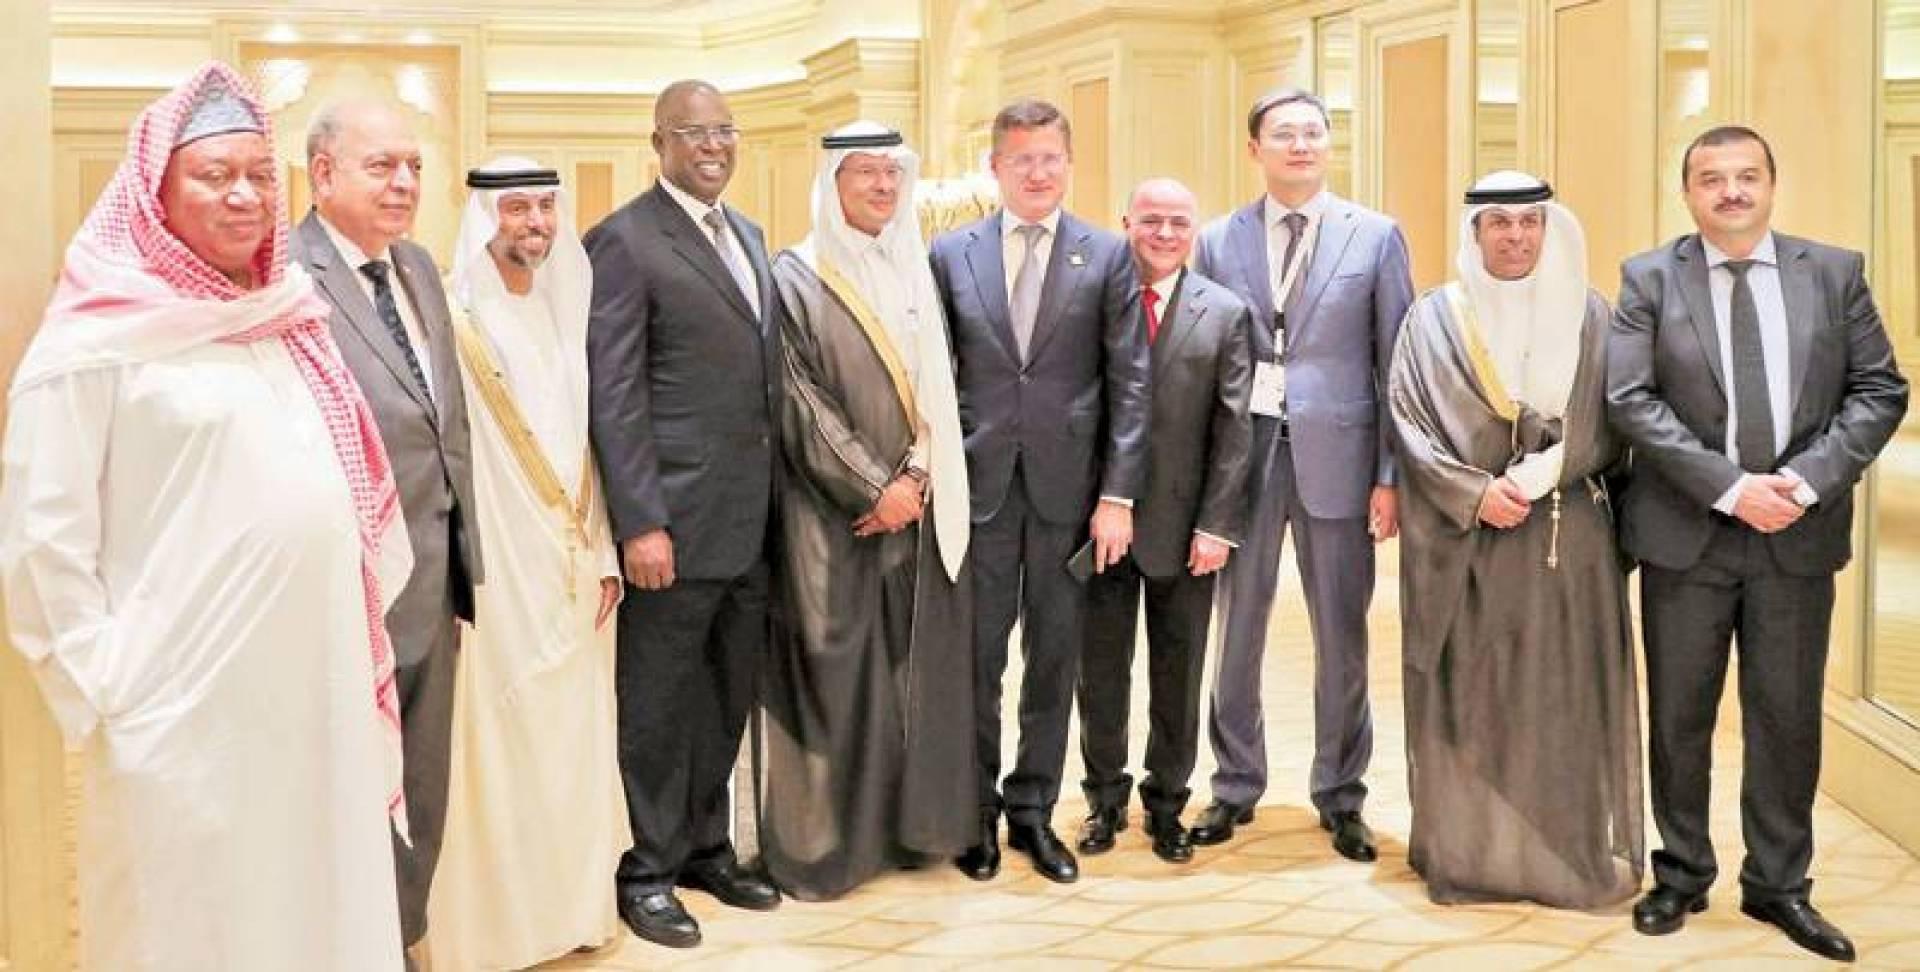 خالد الفاضل وعبدالعزيز بن سلمان وسهيل المزروعي ومحمد باركيندو وبقية وزراء نفط «أوبك+» | رويترز